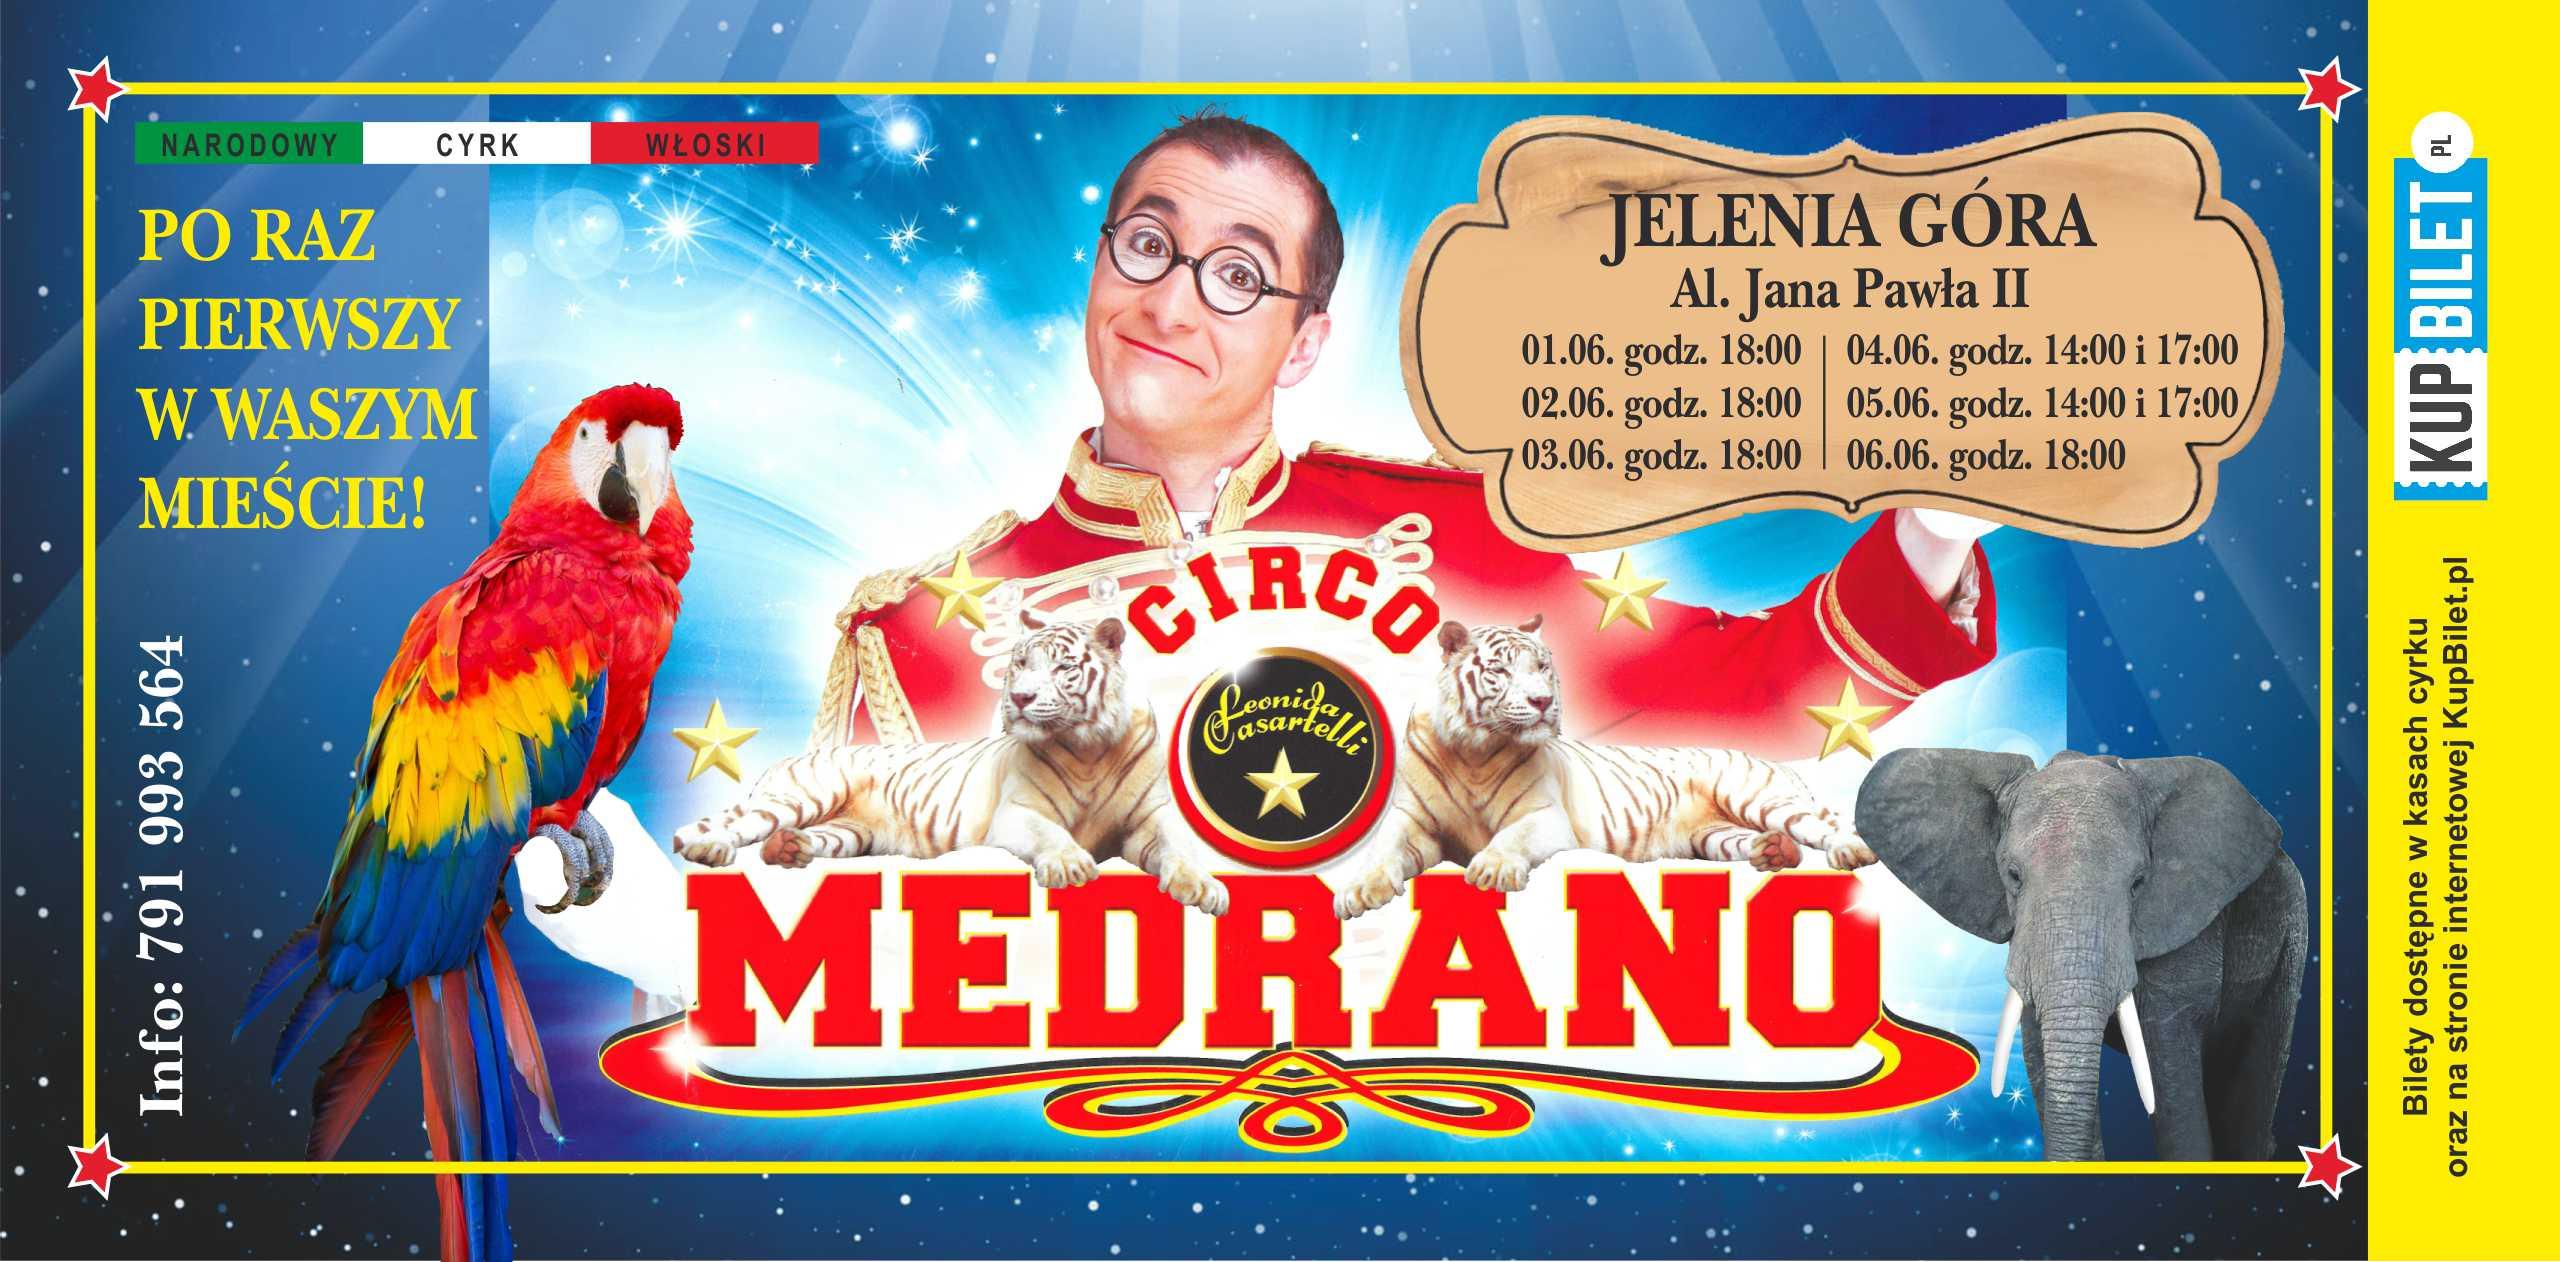 Włoski Cyrk Medrano po raz pierwszy w Jeleniej Górze